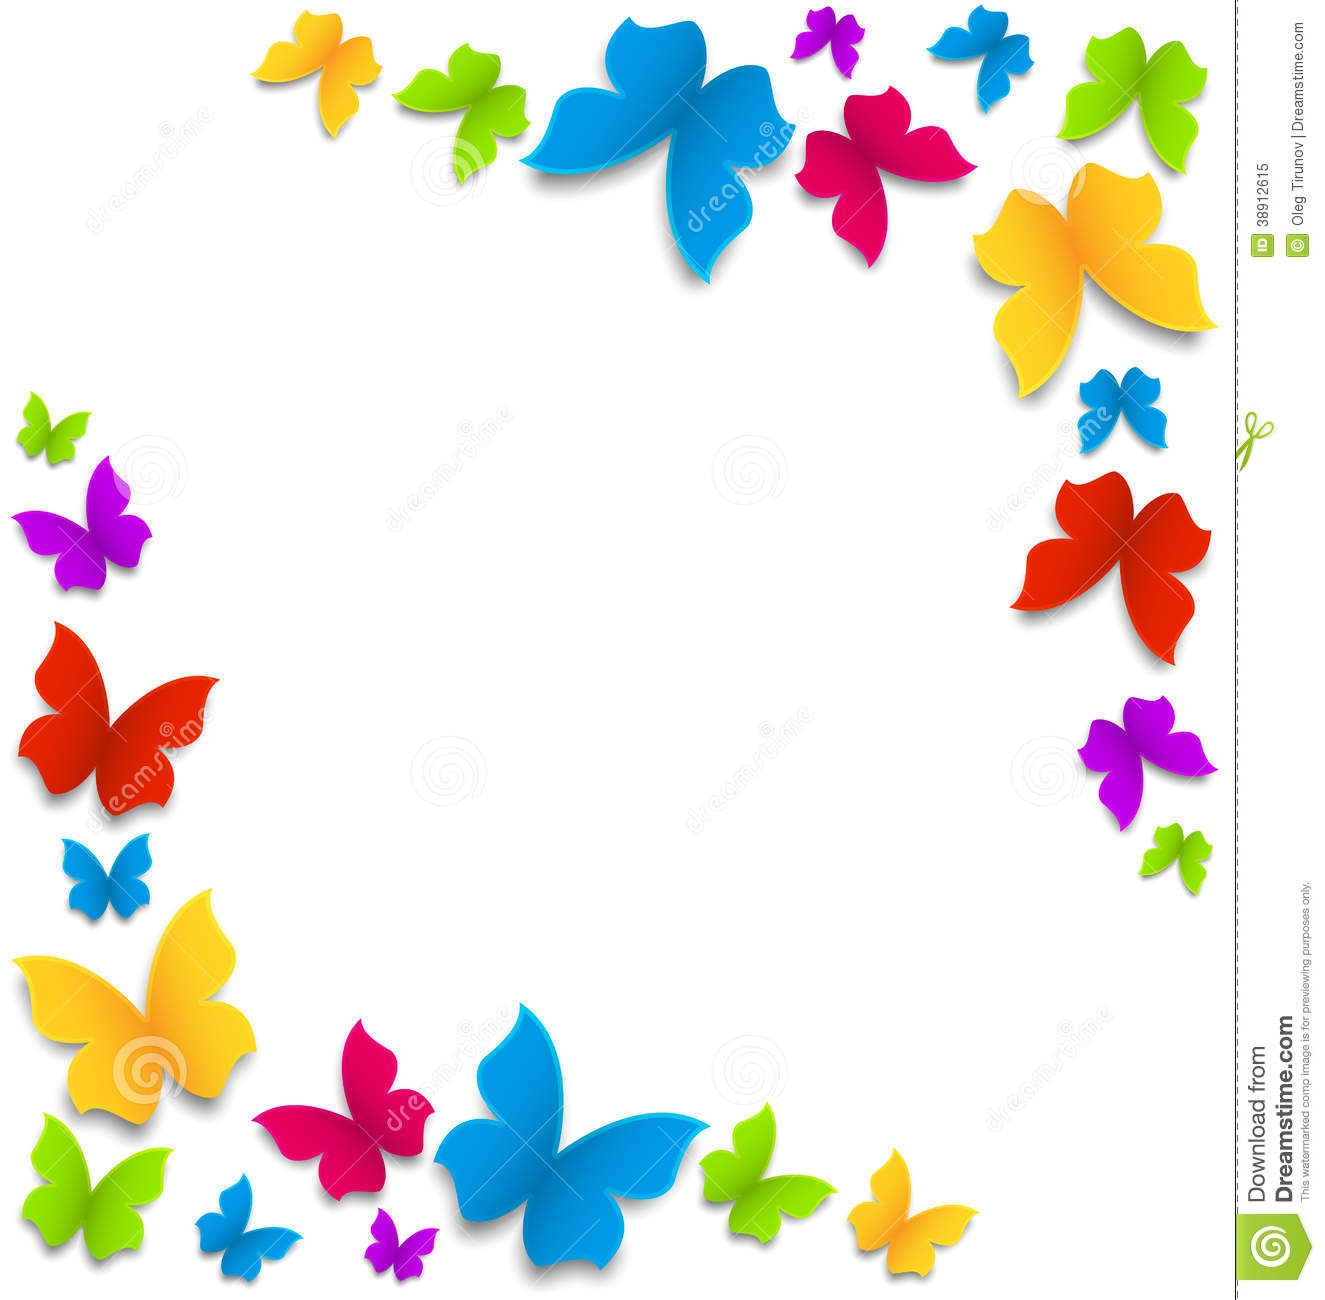 1325x1300 Butterfly clipart boarder